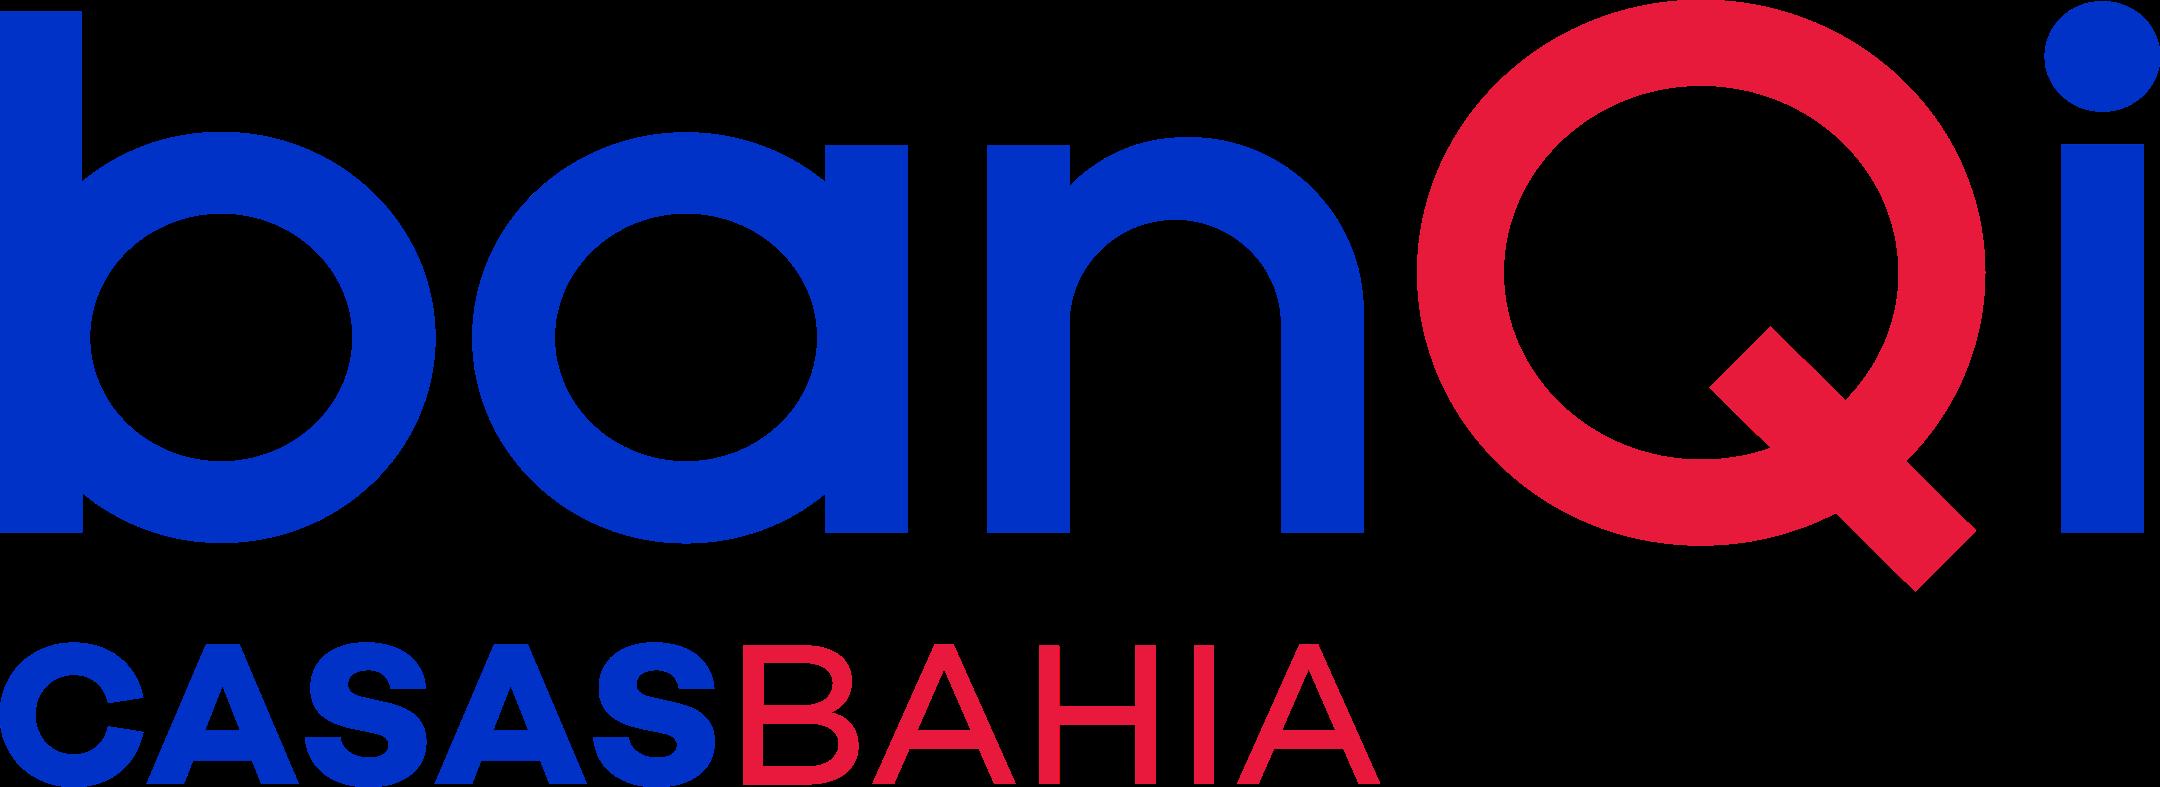 banqi logo 1. - banQi Logo